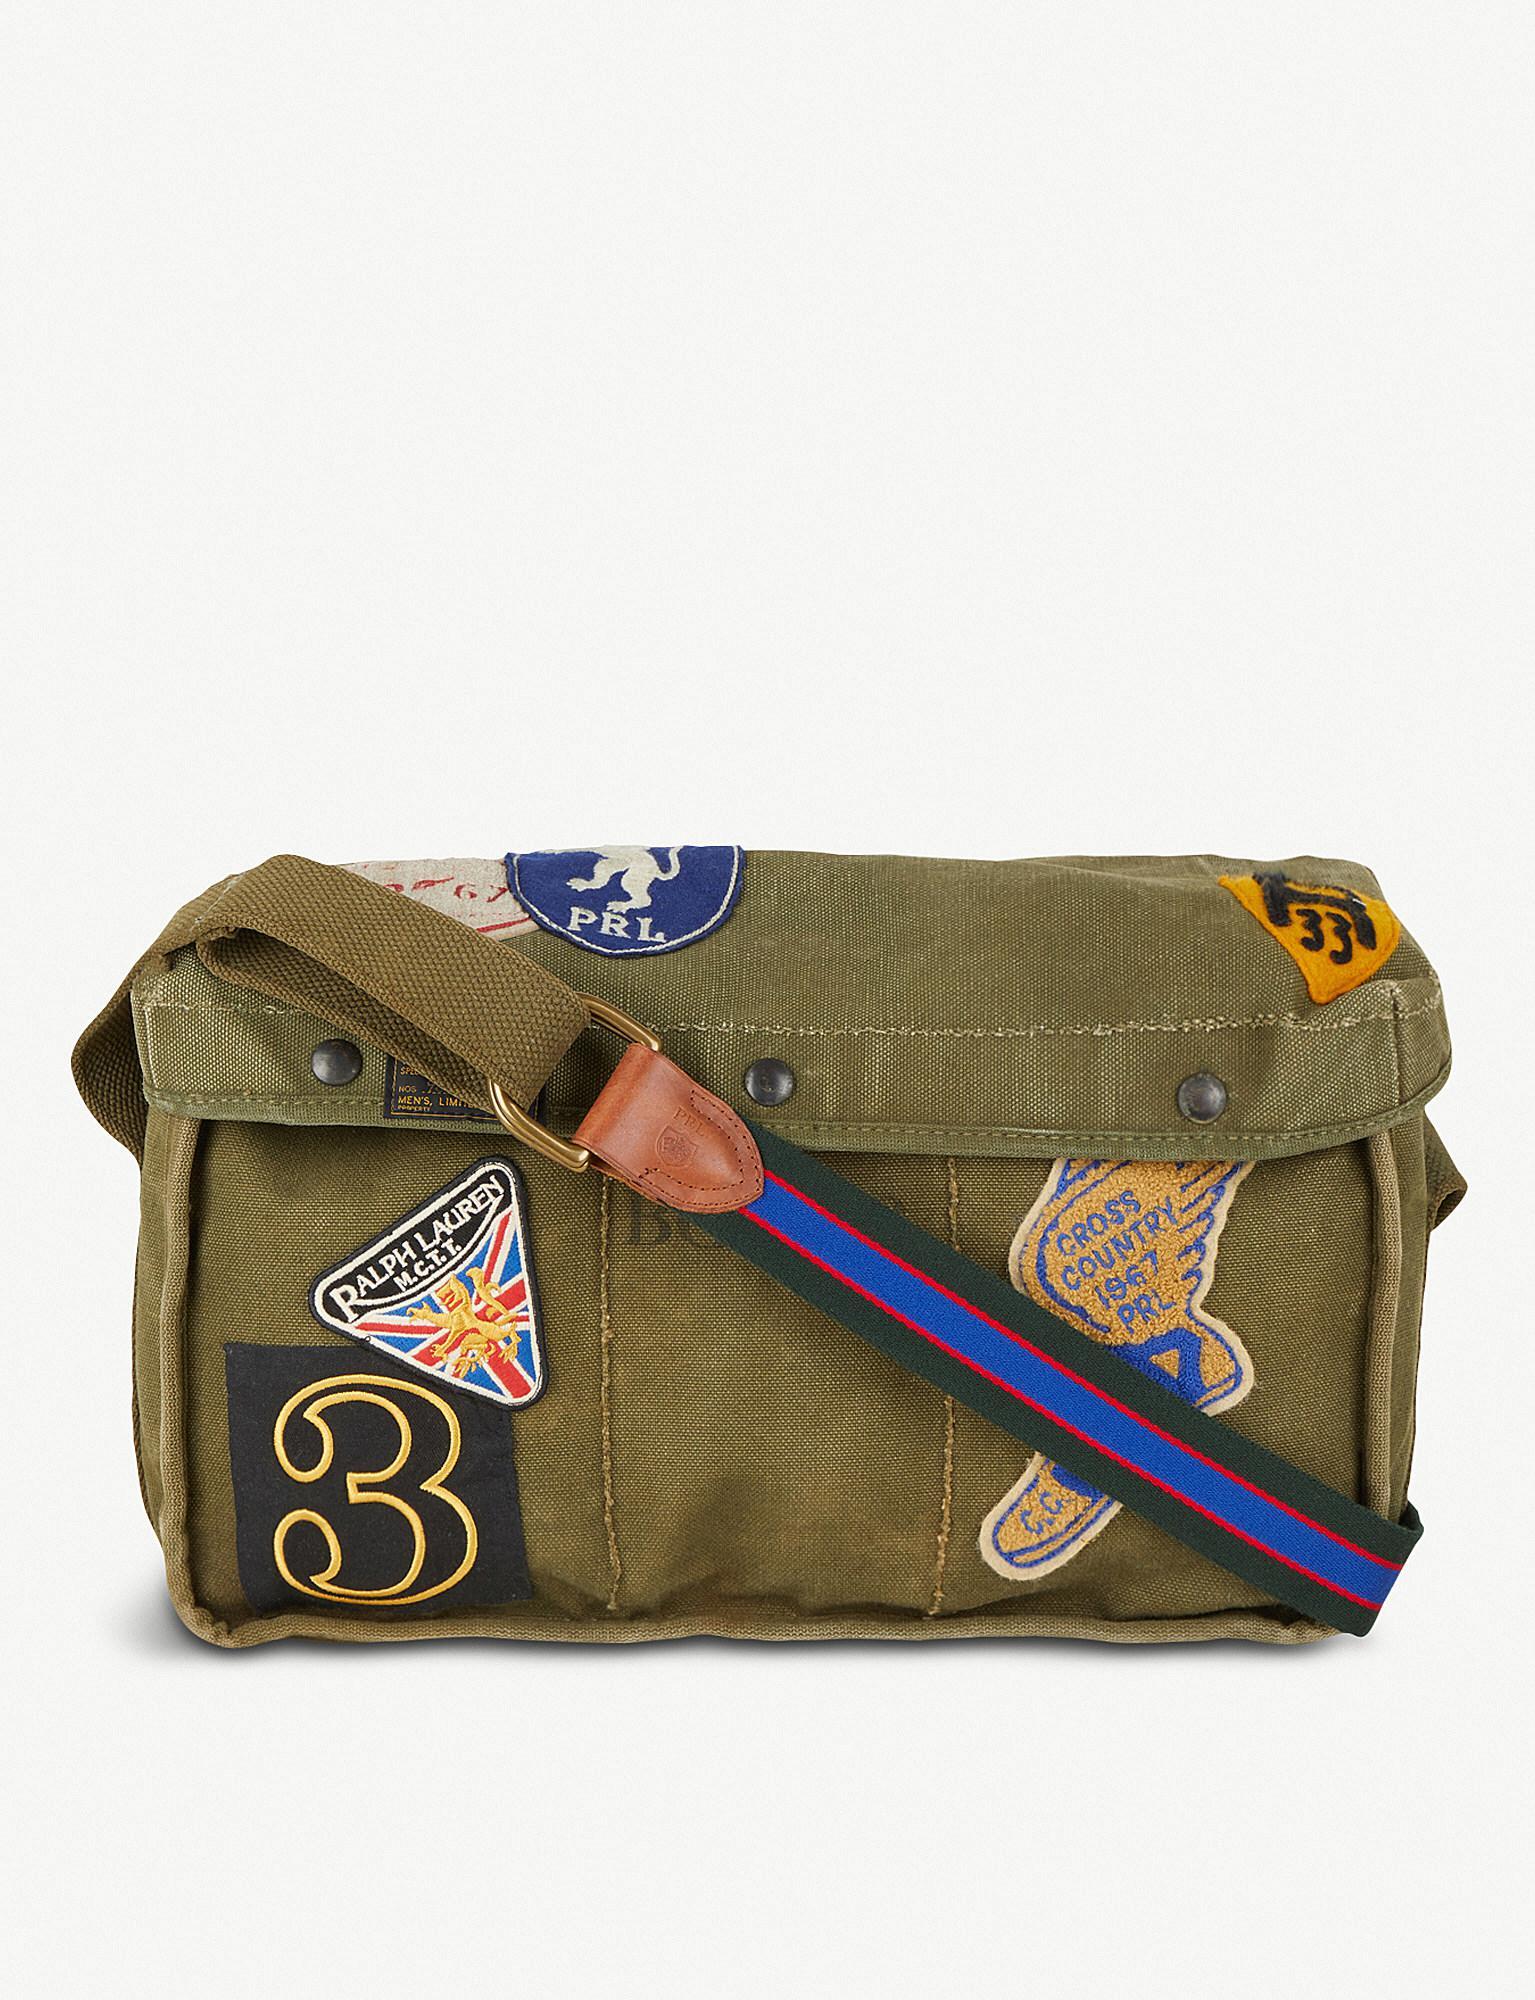 ce2793ccda52 ... usa vintage ralph lauren polo sport bum bag a007e fa942